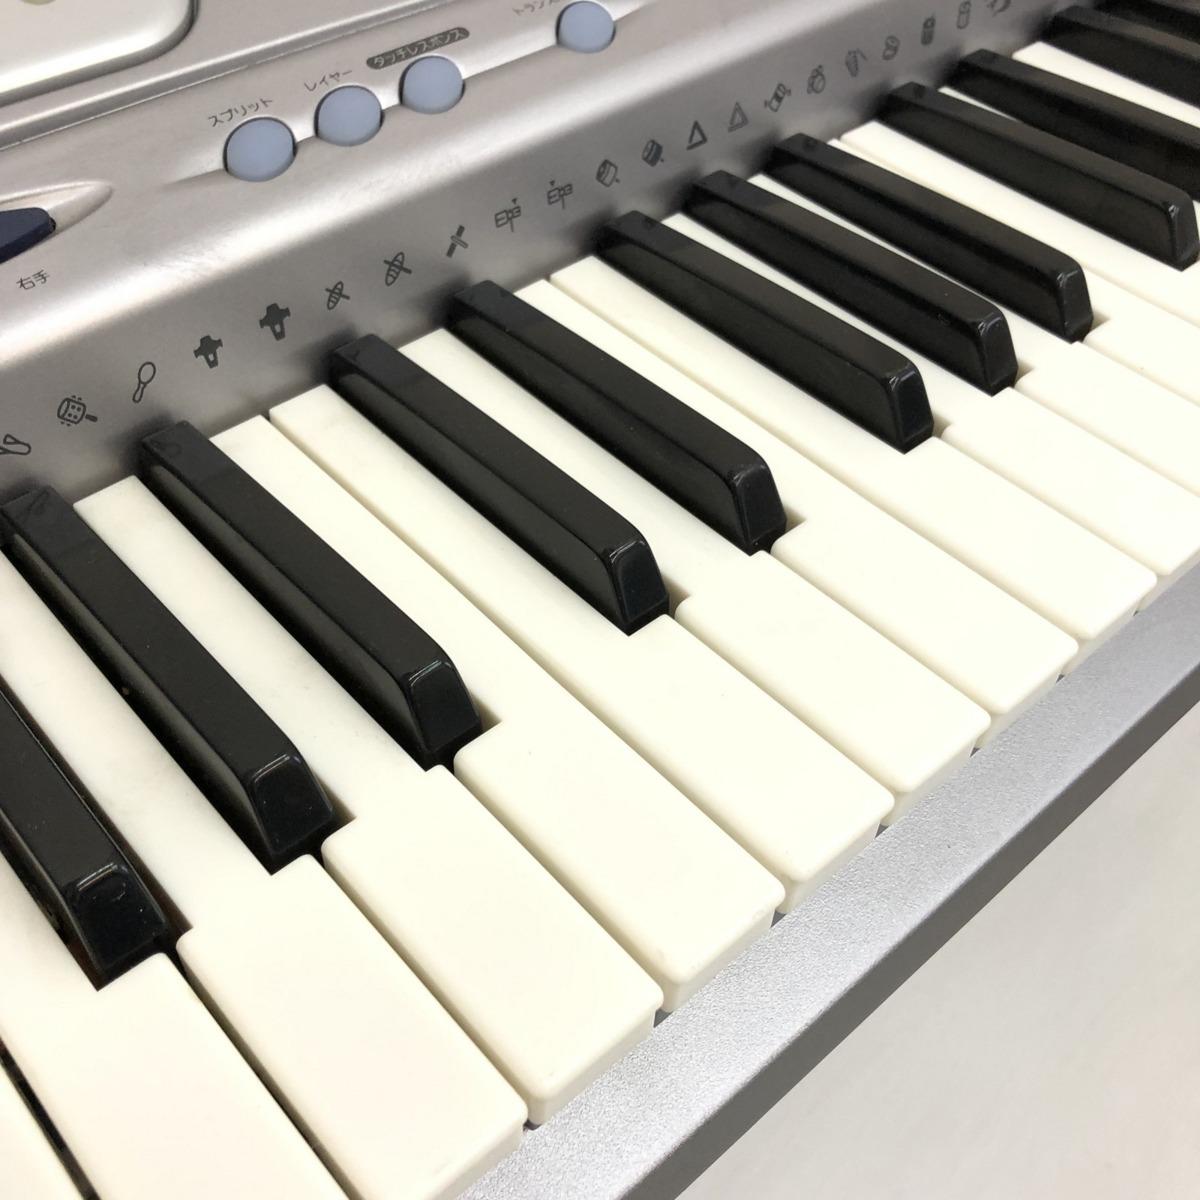 中古 CASIO カシオ 電子キーボード LK-250it 光ナビゲーション ケイタイリンク シルバー ブルー 電子ピアノ 鍵盤楽器 アダプター付 H15354_画像9